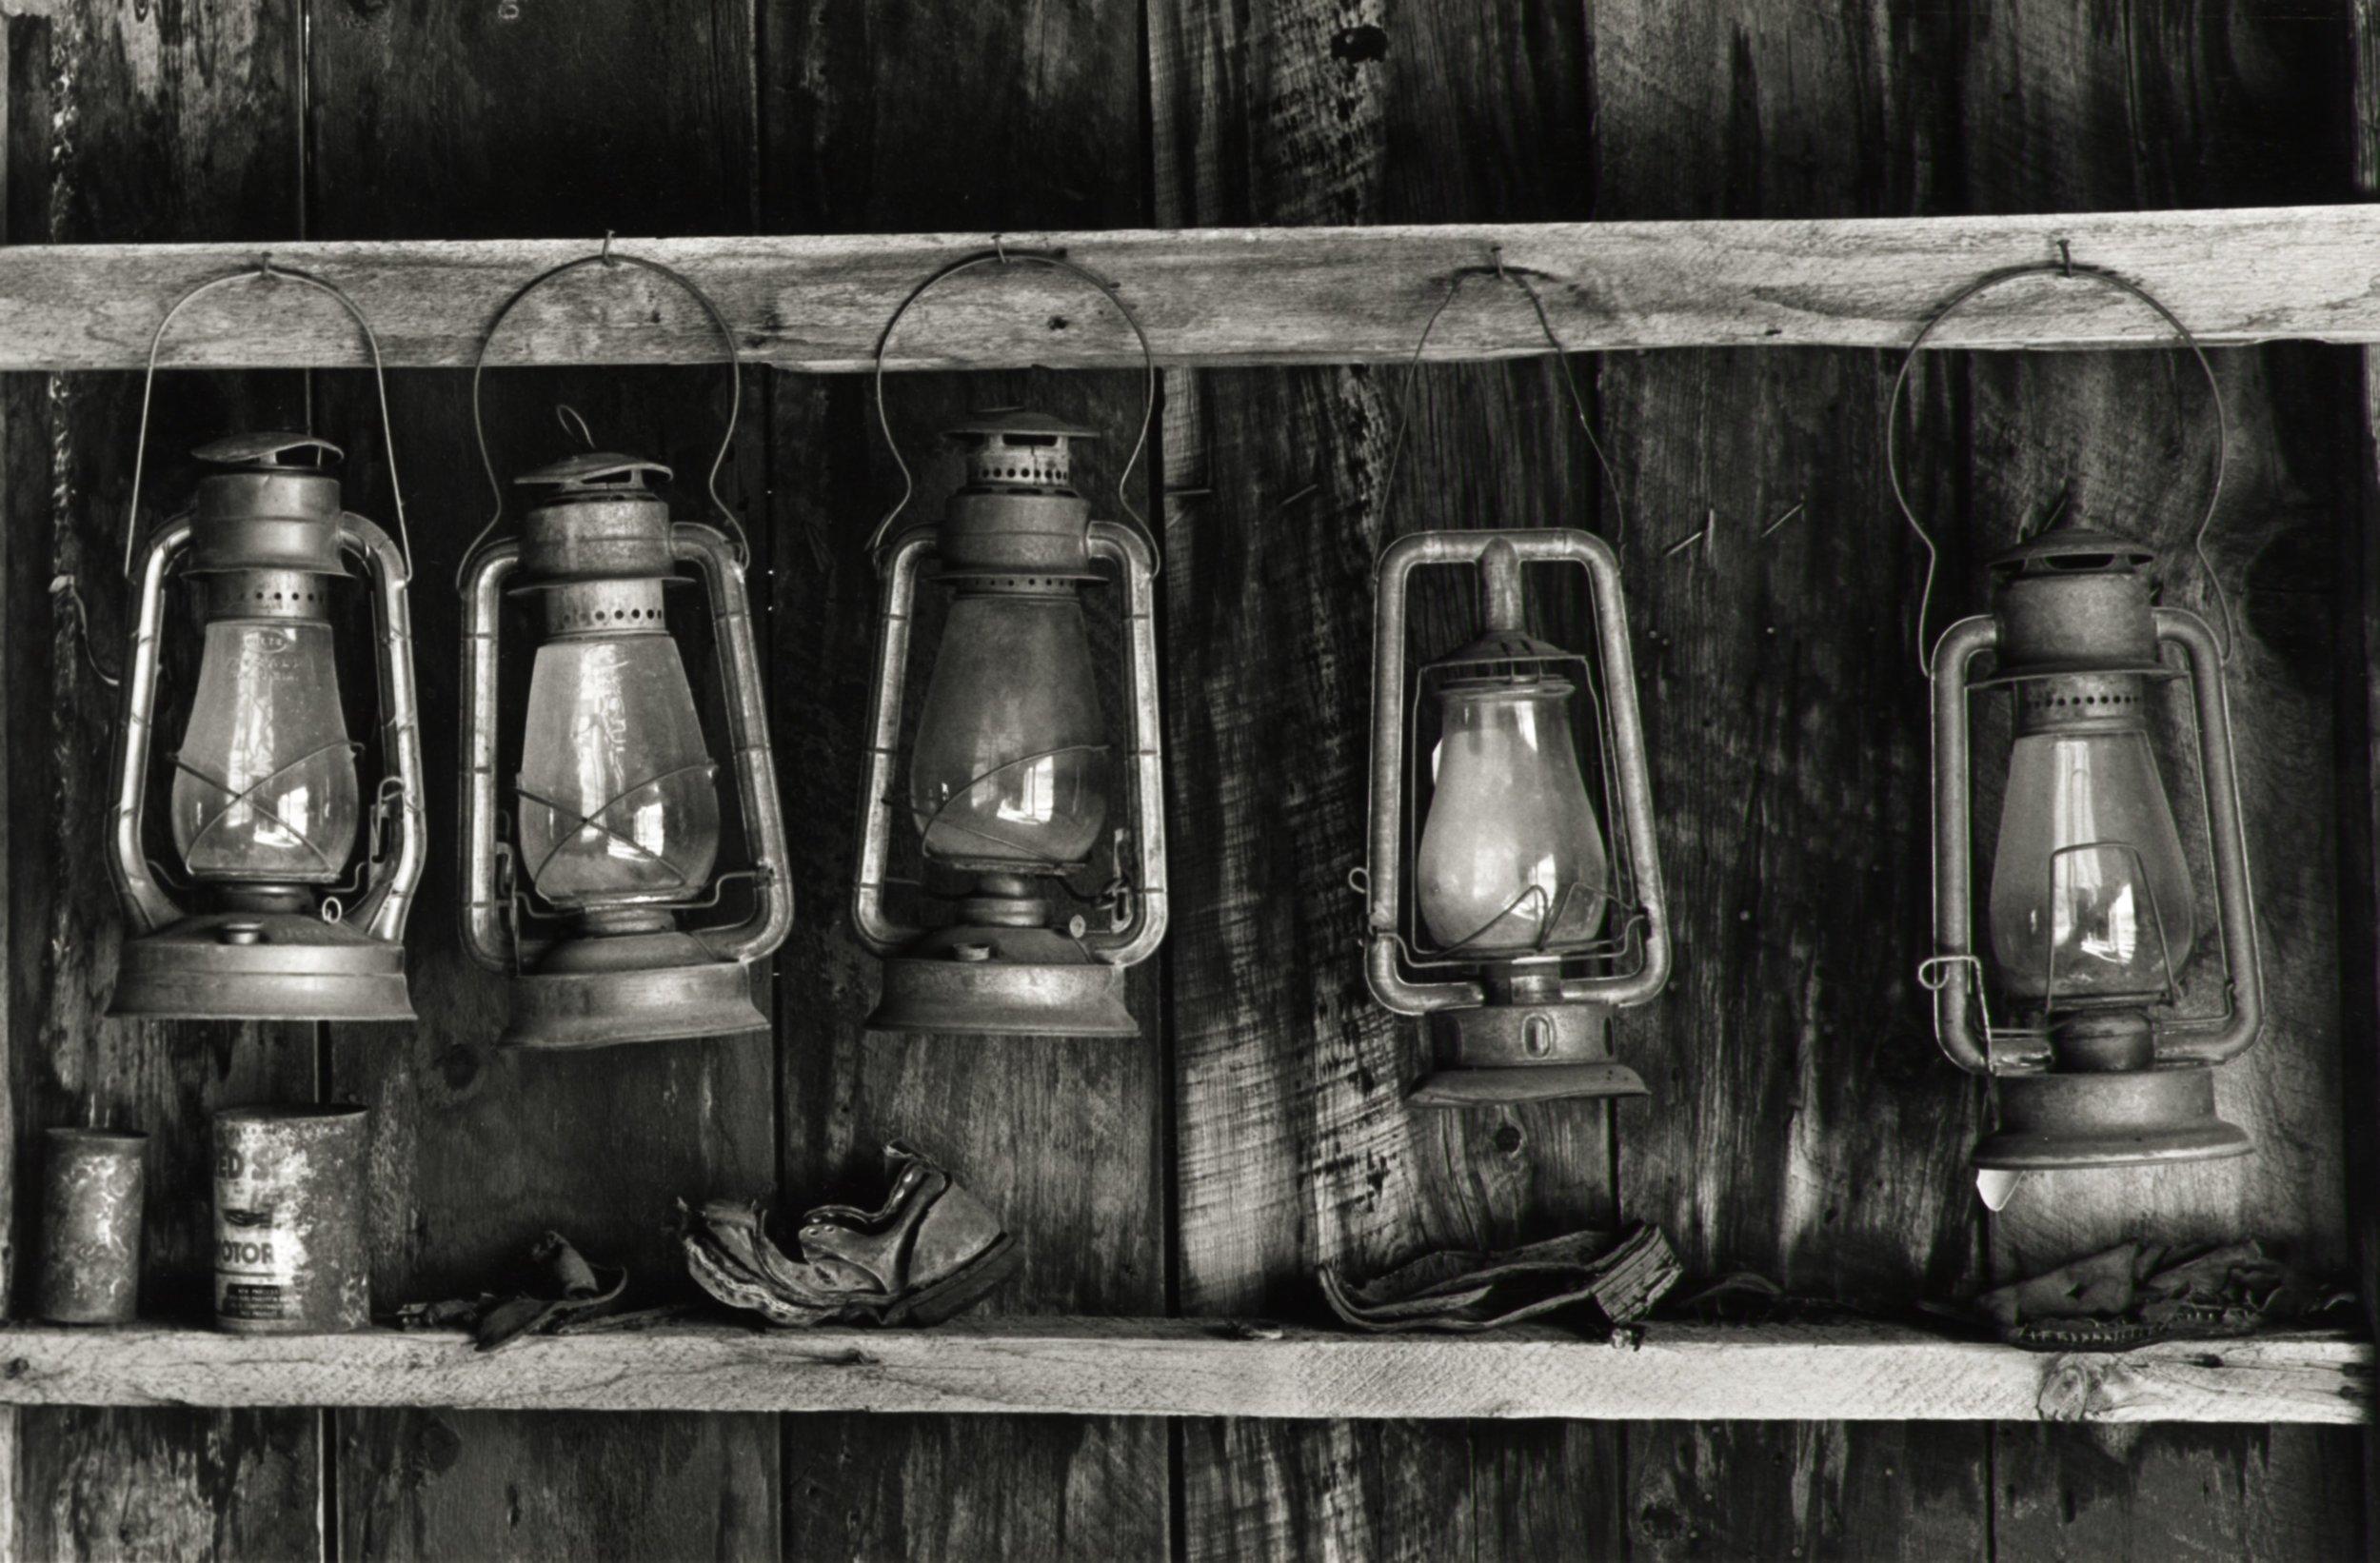 Lanterns - Bodie CA 1991